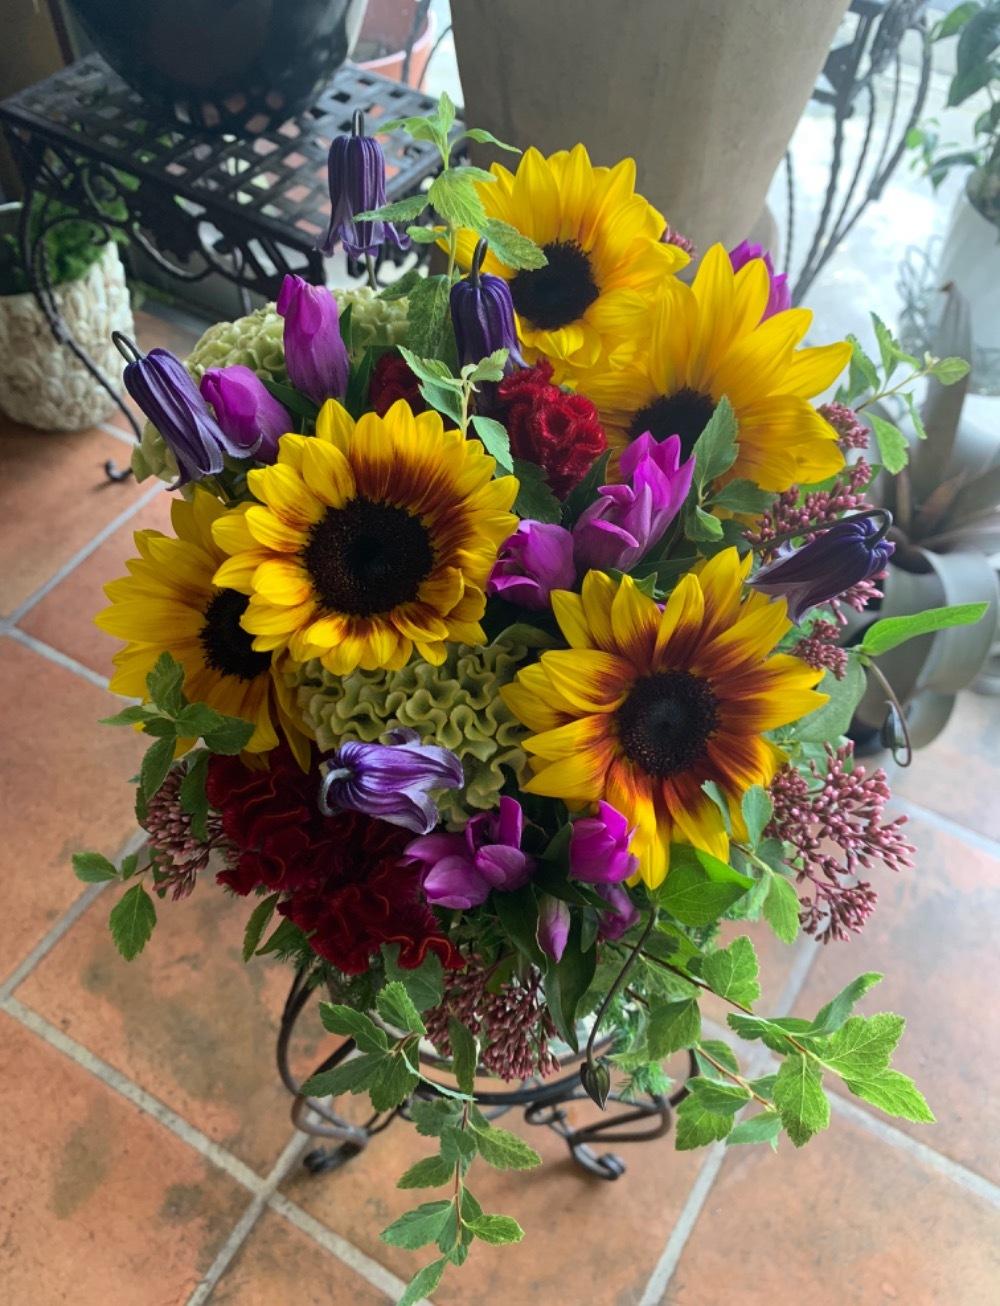 定年退職をされる社員様の奥様へ感謝のお花